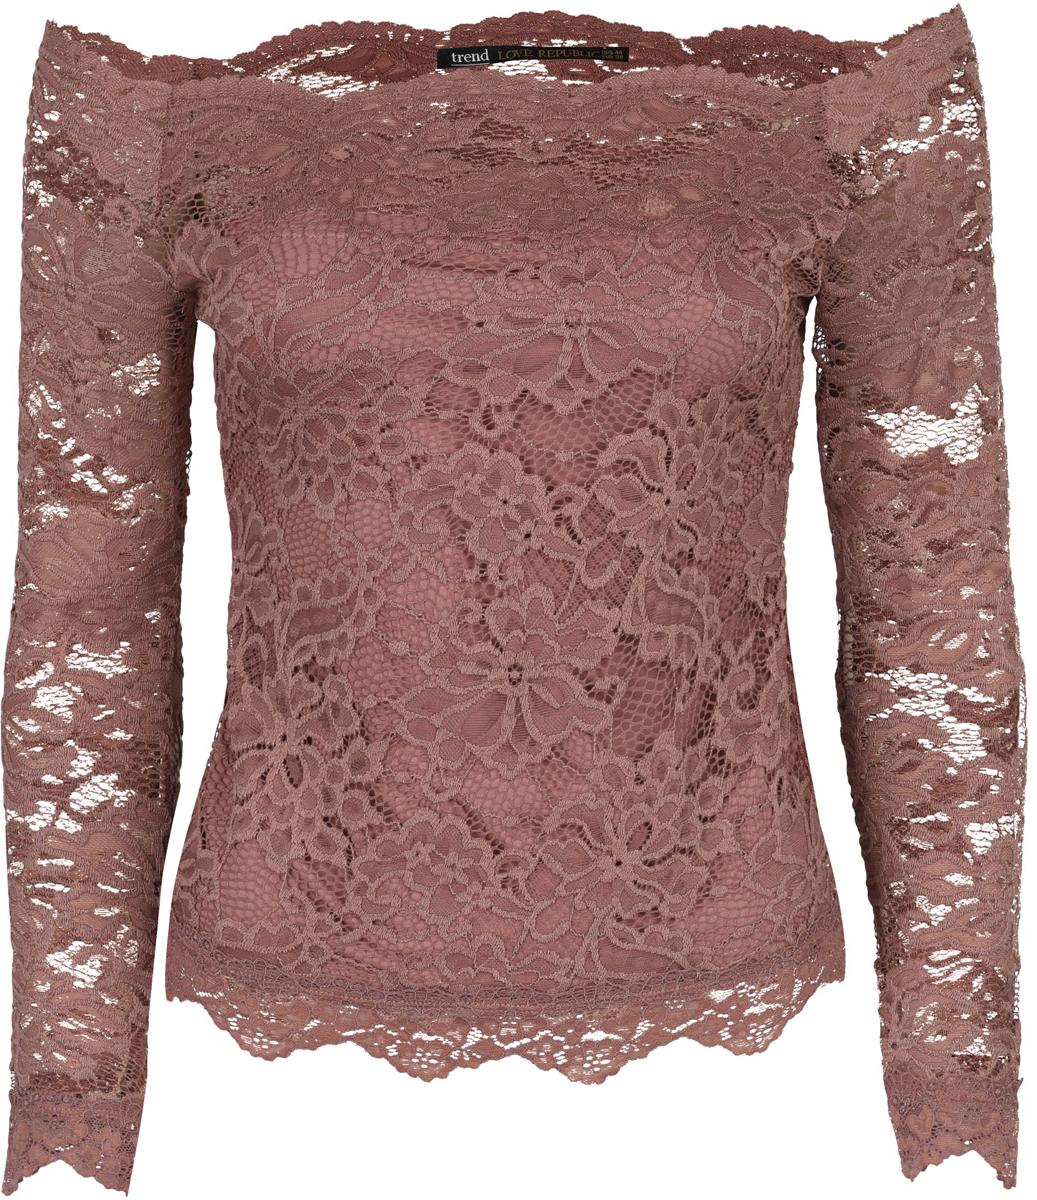 Блузка женская Love Republic, цвет: темно-розовый. 8153011314_63. Размер 468153011314_63Сногсшибательная блузка Love Republic выполнена из комбинированныхматериалов. Модель приталенного кроя с длинными рукавами. Такая кружевная блузка поможет создать невероятно женственный образ.